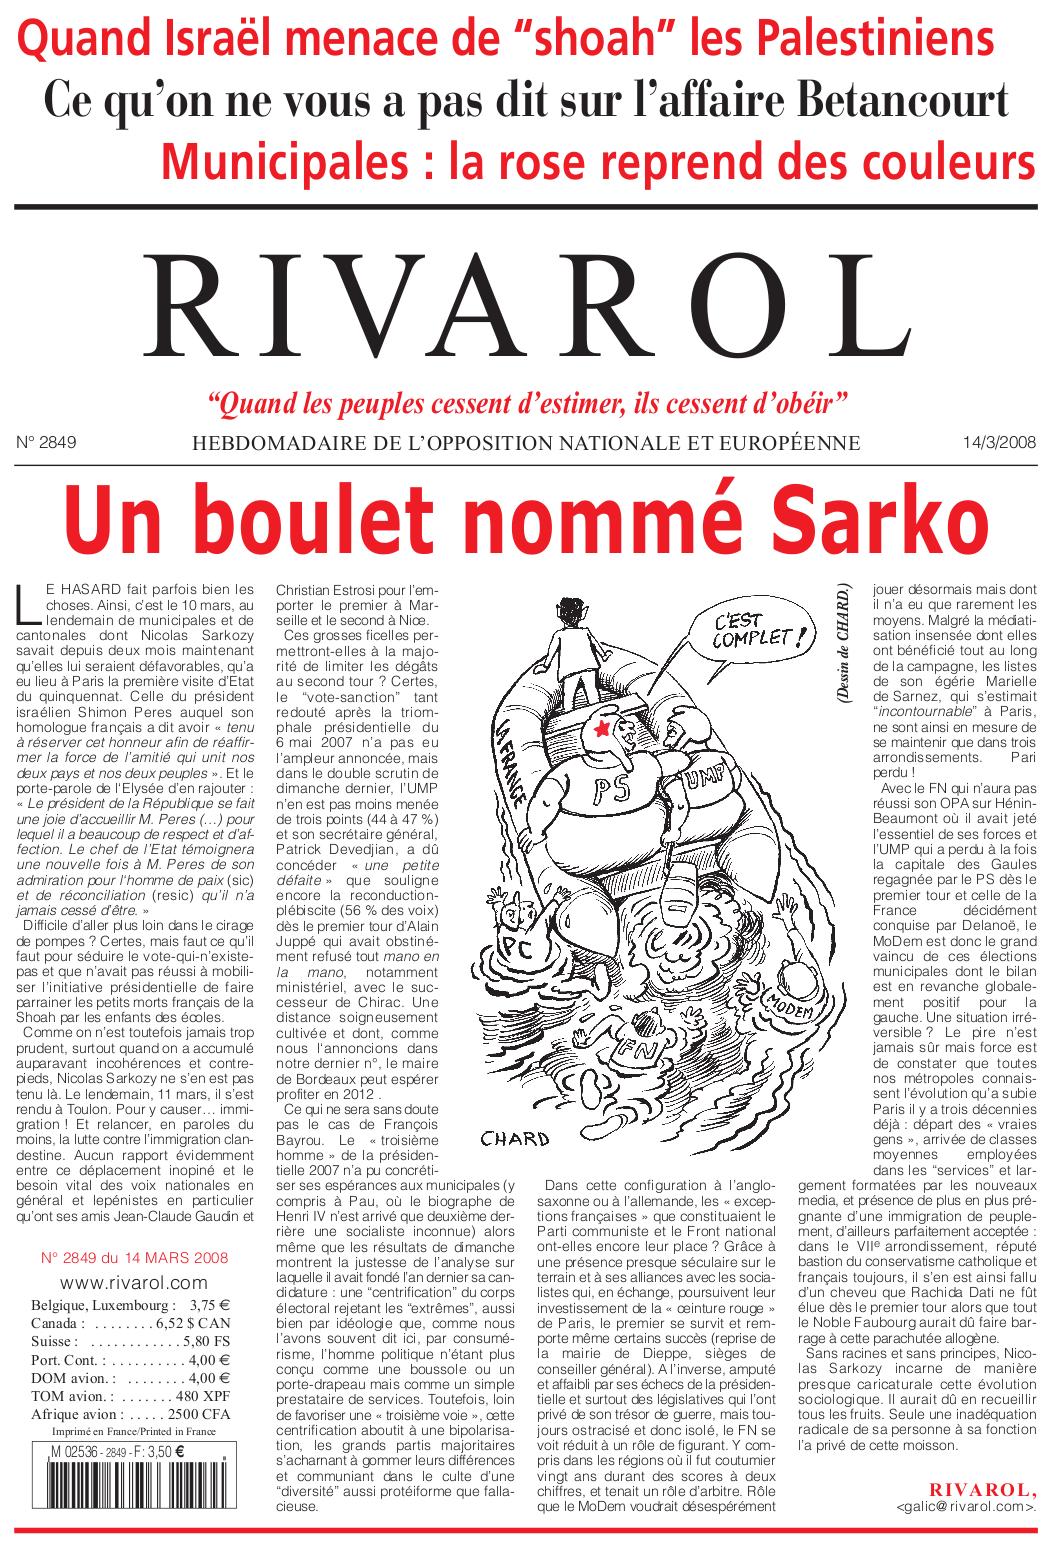 Rivarol n°2849 version numérique (PDF)